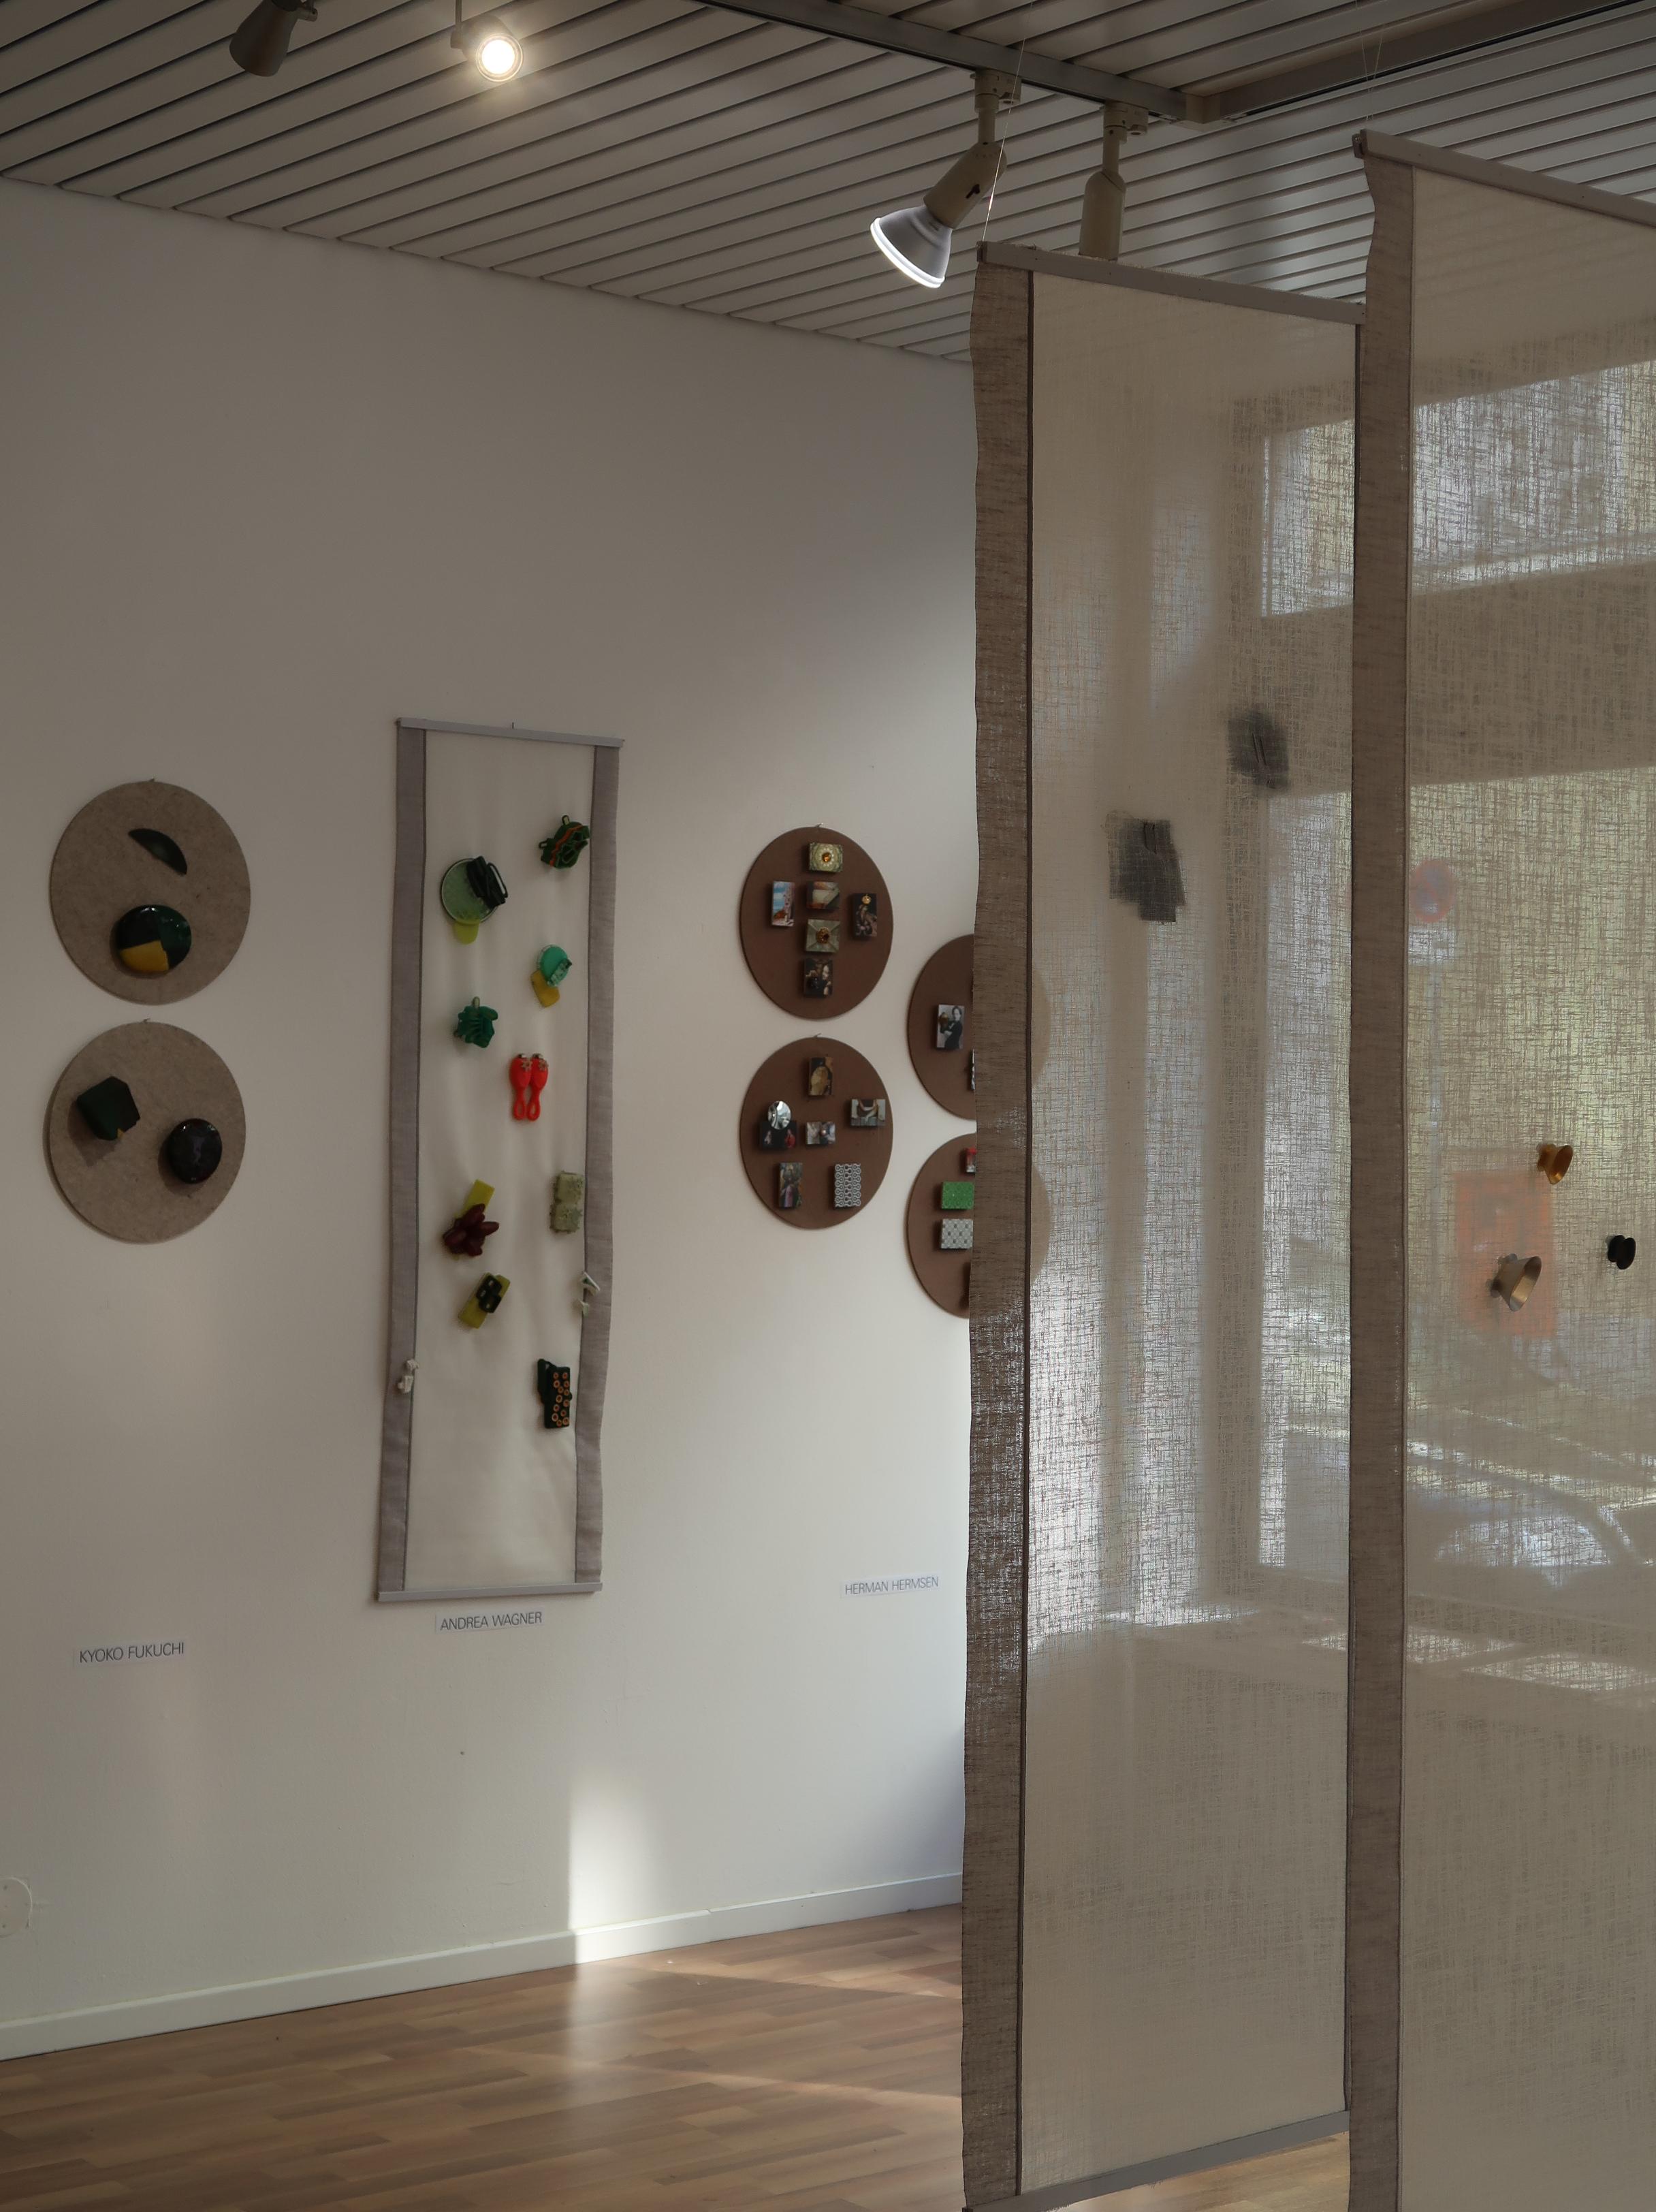 Broches, Galerie Spektrum op locatie, München, 13 maart 2020. Foto Coert Peter Krabbe, Andrea Wagner, Herman Hermsen